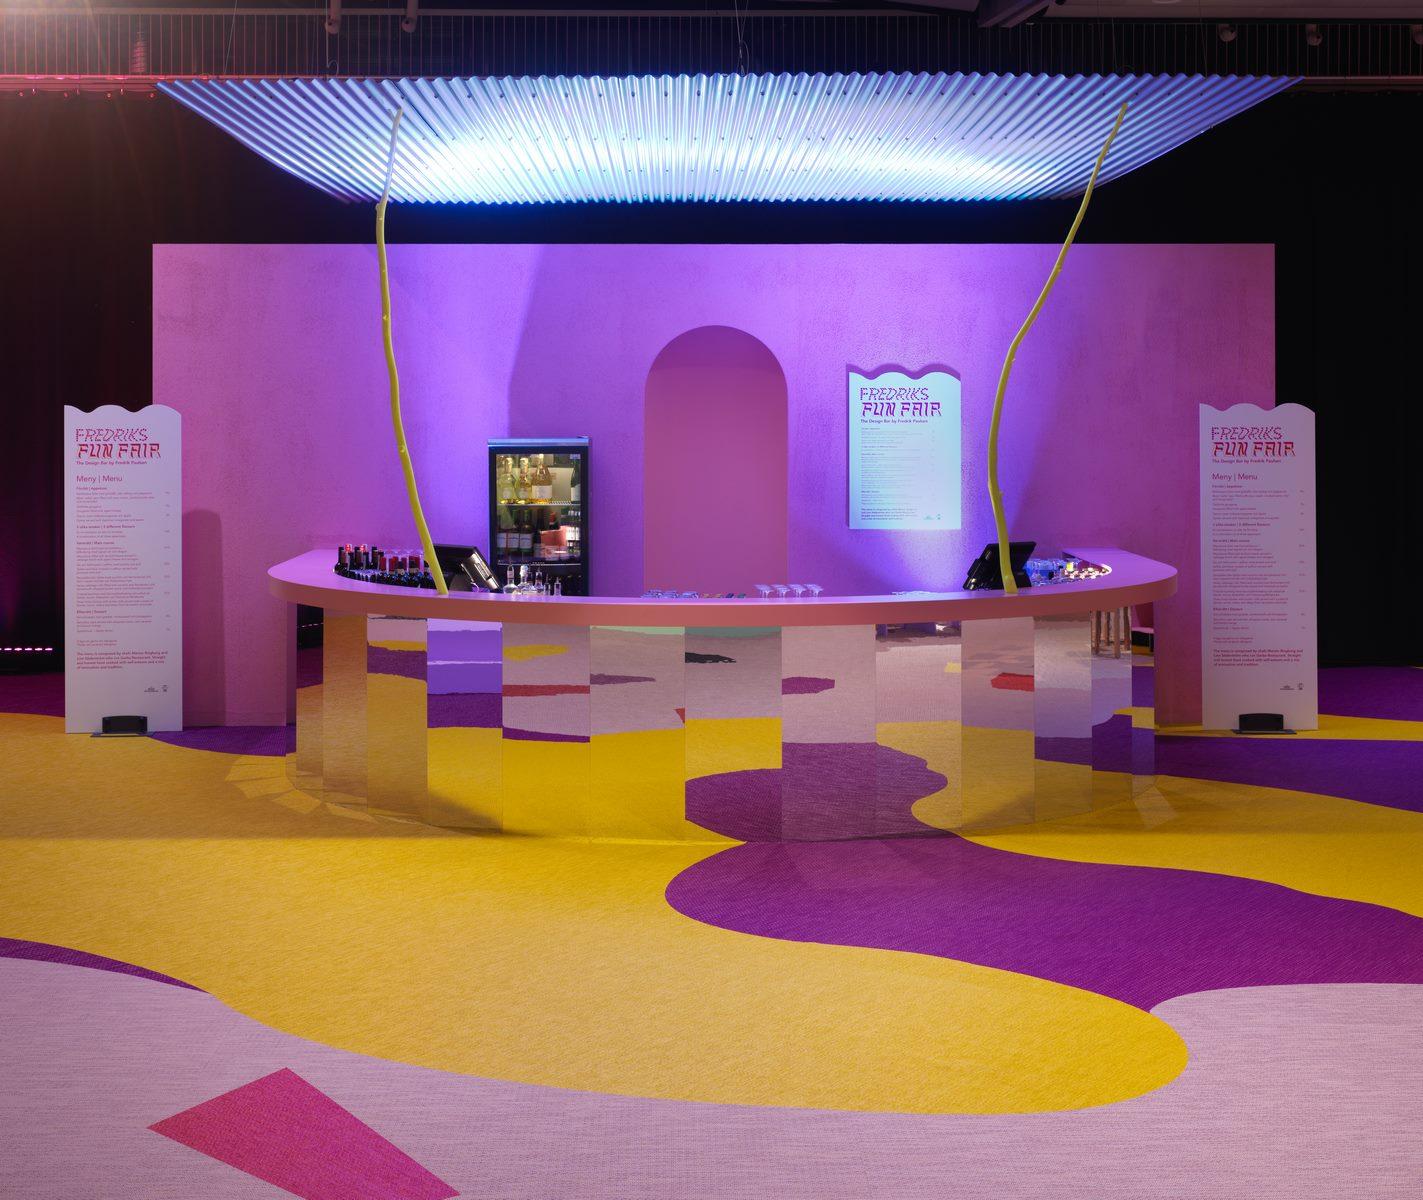 El diseño escandinavo de festejo en Stockholm Furniture & Light Fair 19